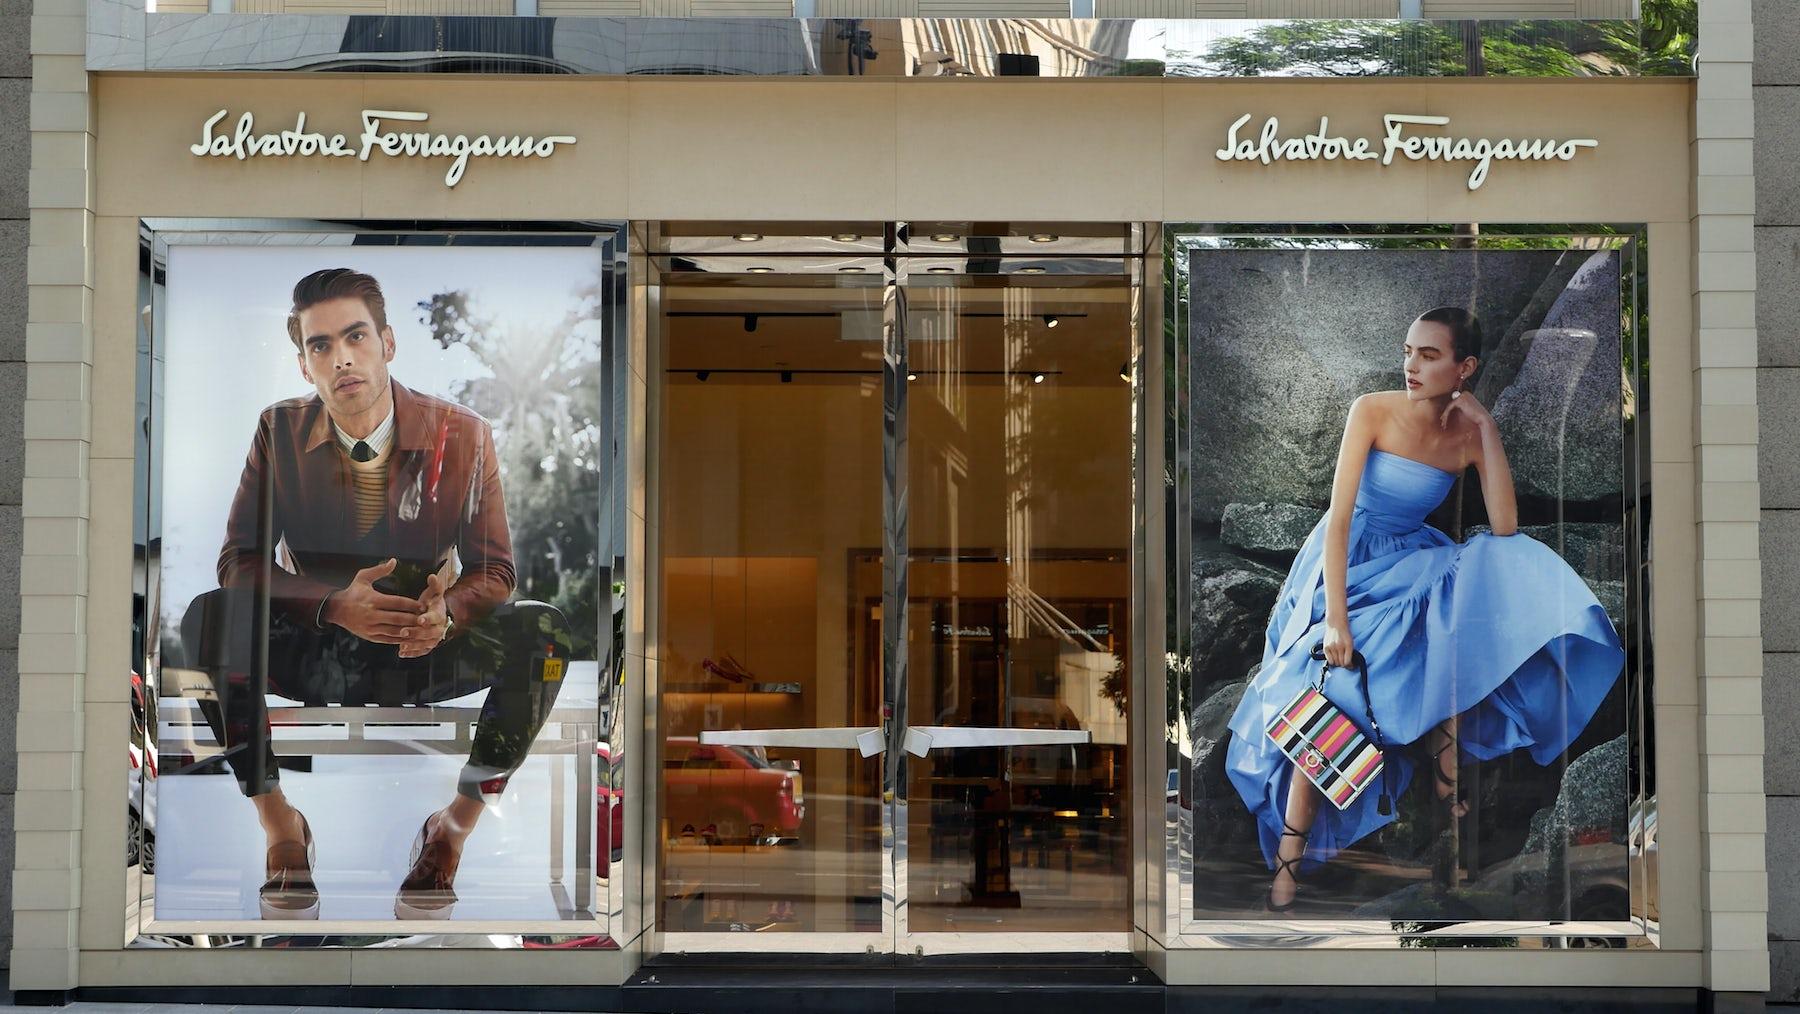 Salvatore Ferragamo Store | Source: Shutterstock